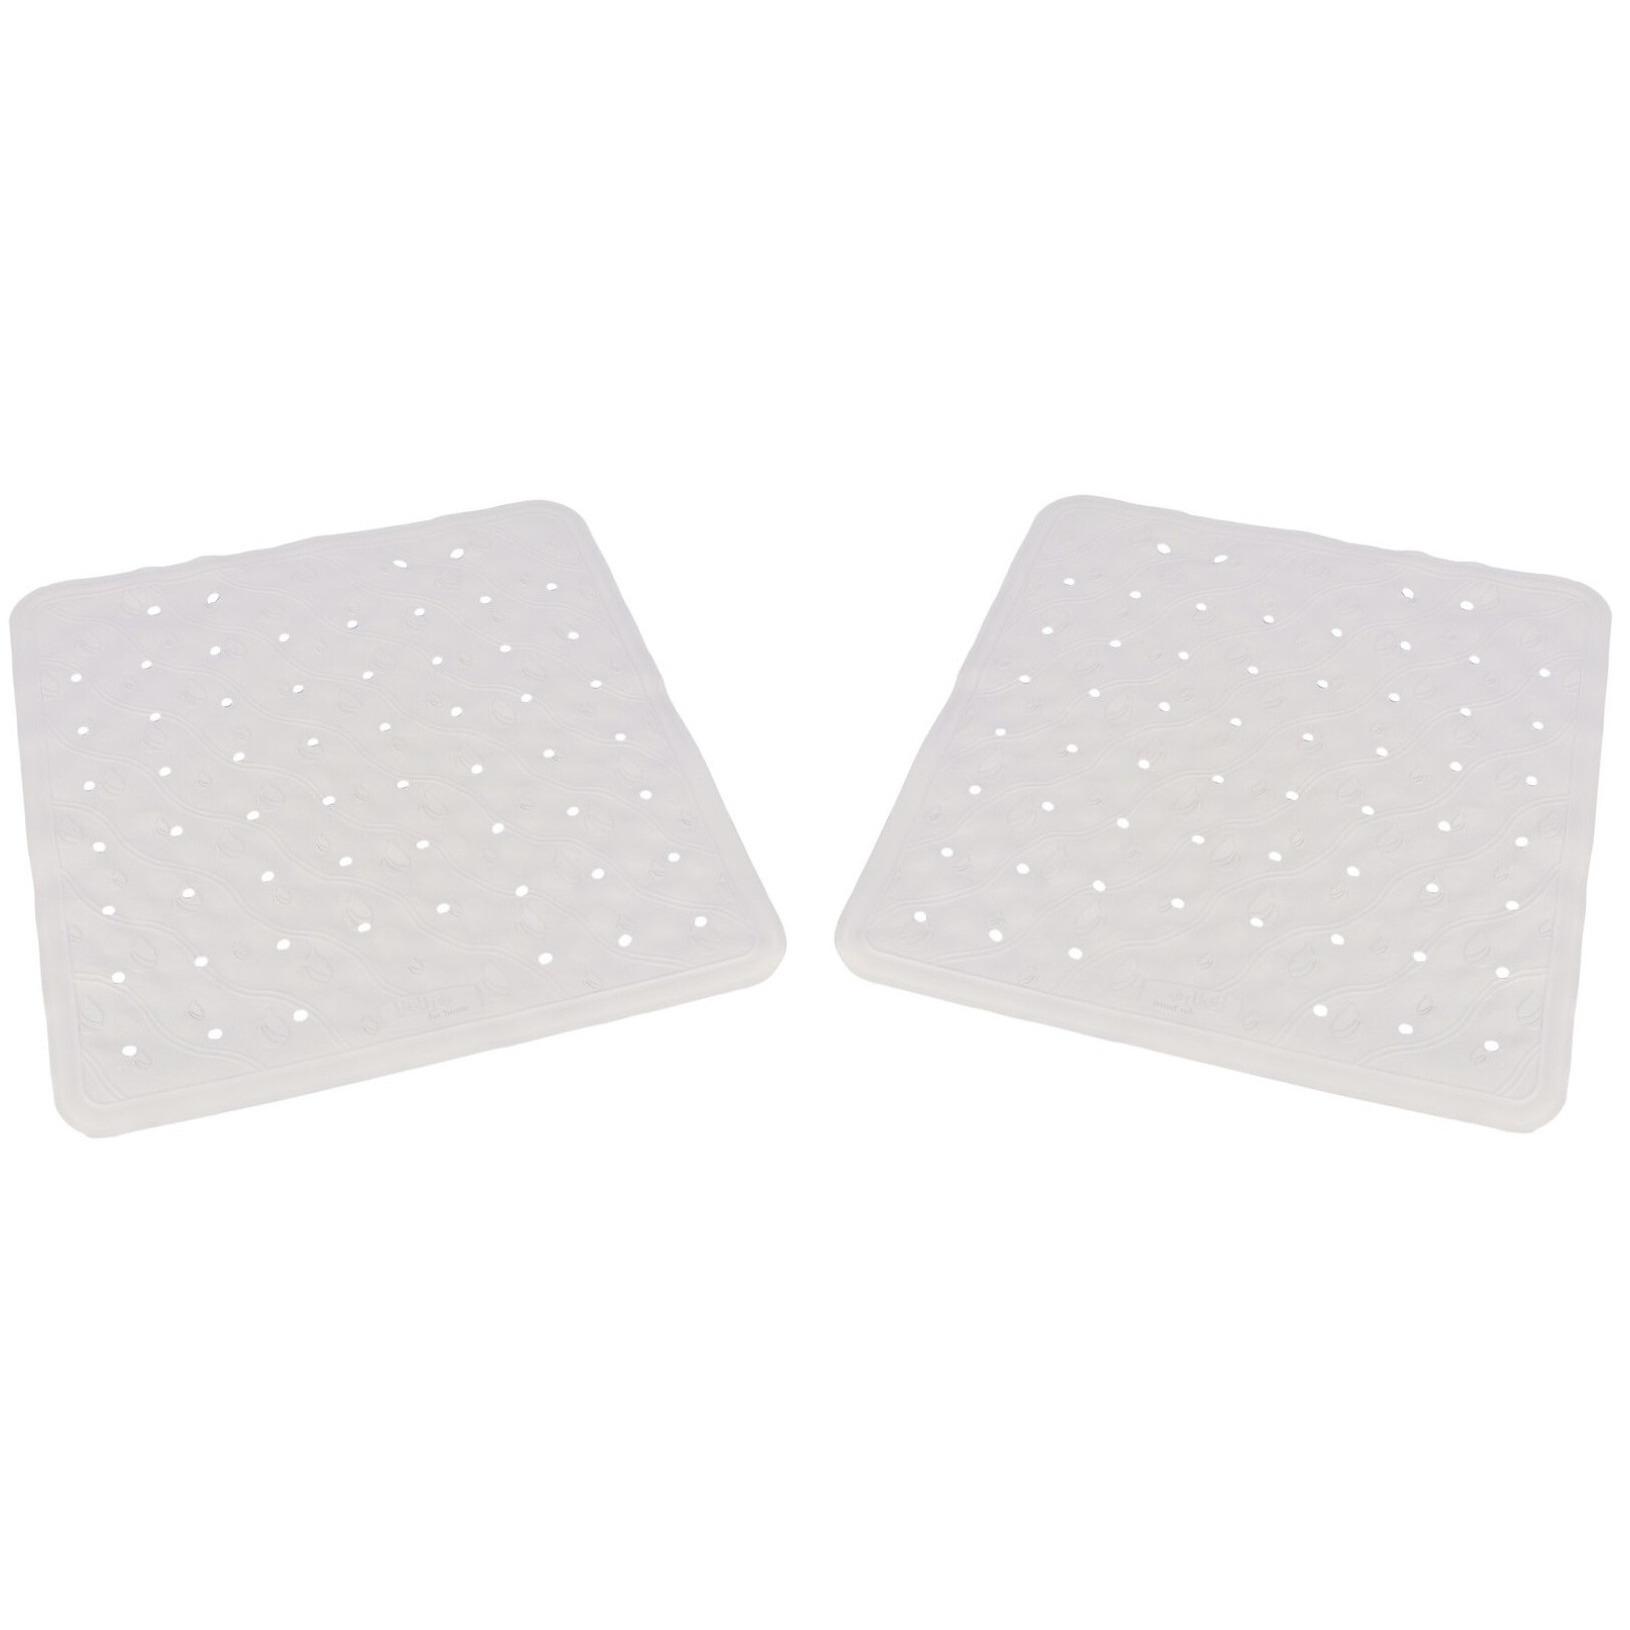 2x Witte anti-slip badmatten-douchematten 45 x 45 cm vierkant